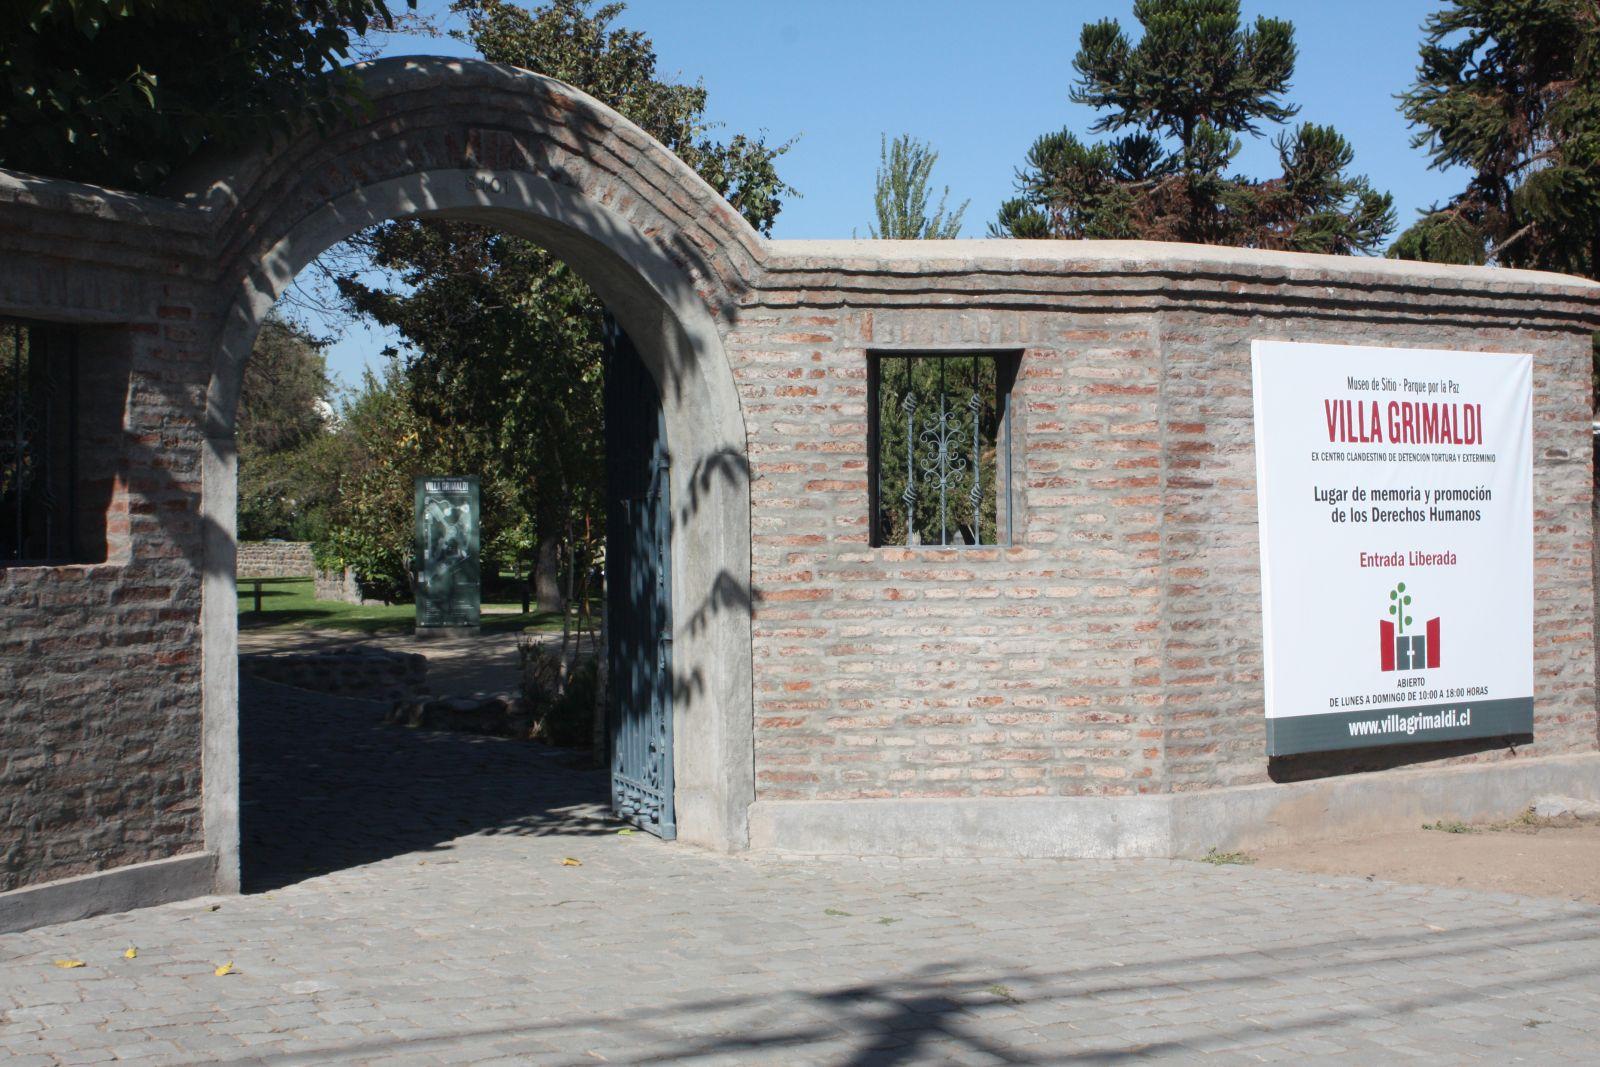 27° Juzgado Civil de Santiago ordena indemnizar a hermano de detenido desaparecido en Villa Grimaldi